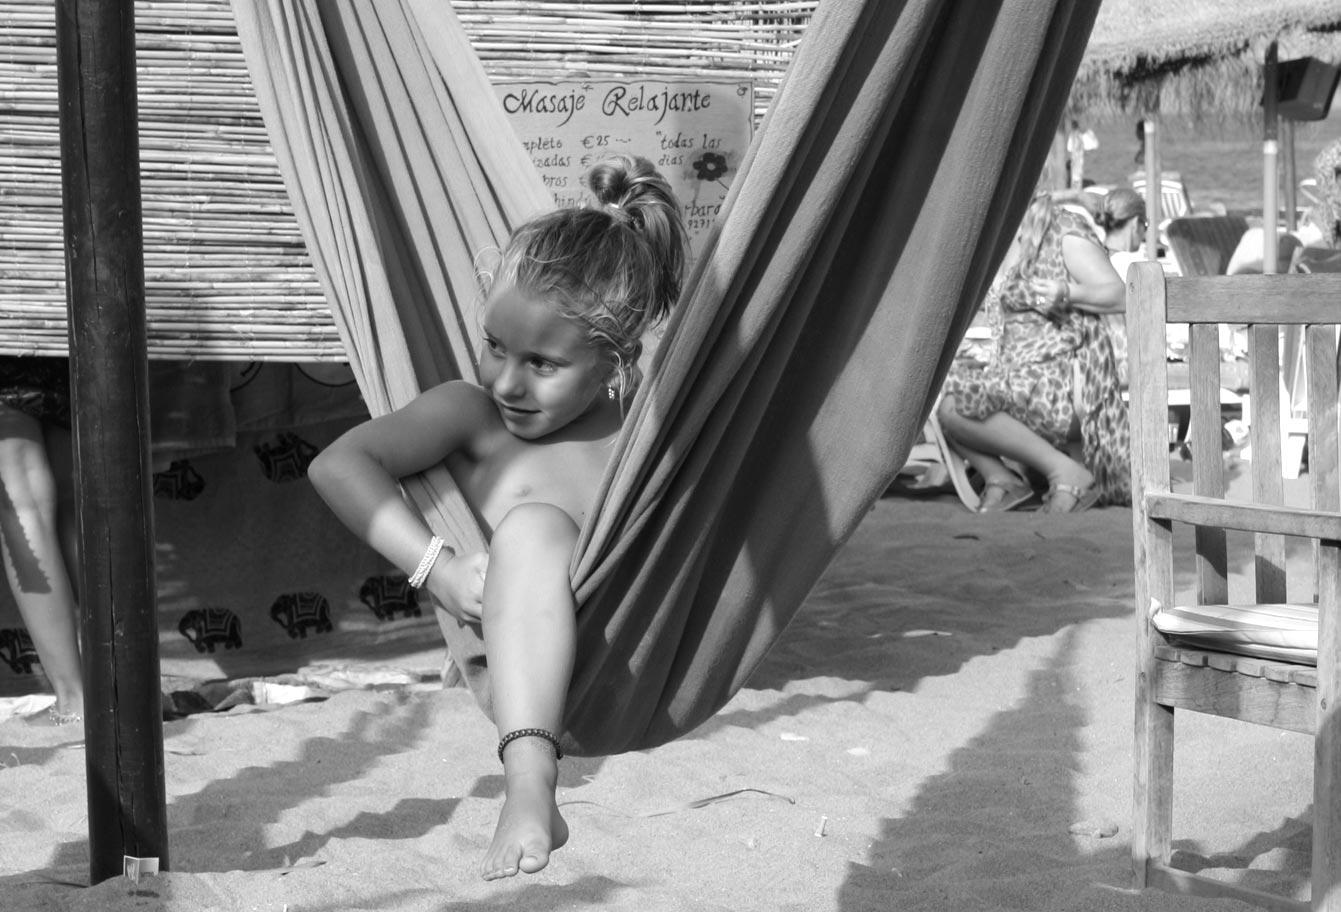 Playa-Carvajal-Benalmadena-malaga-32